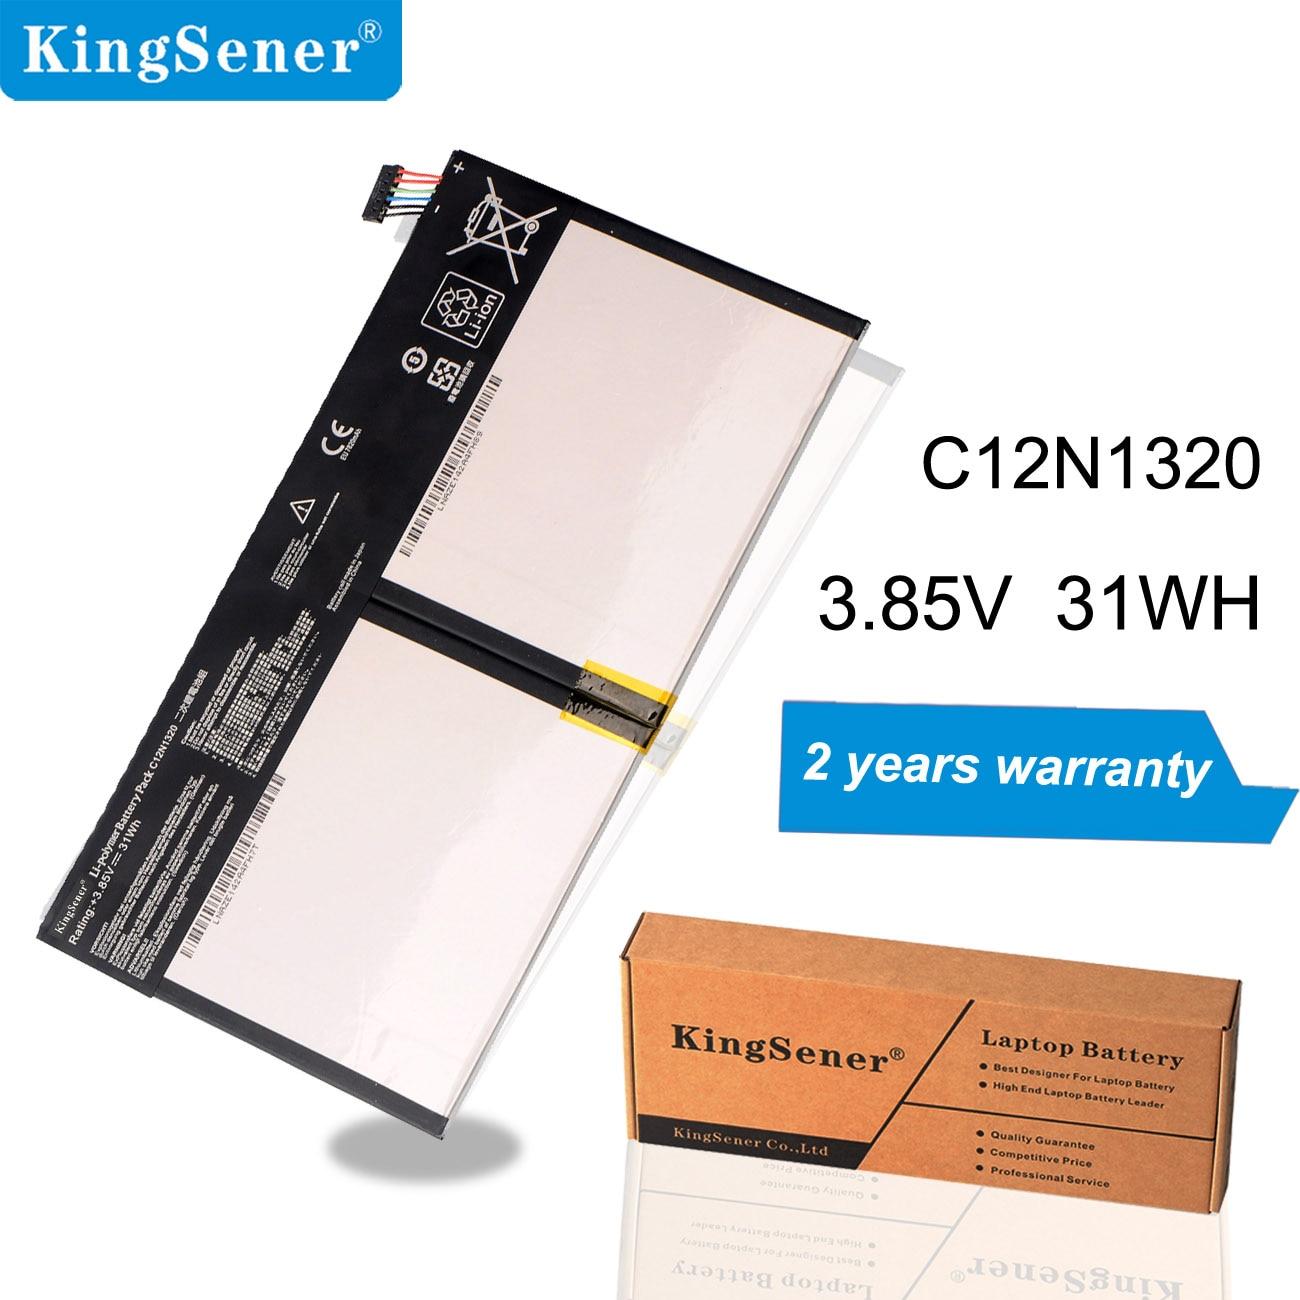 KingSener C12N1320 nouvelle batterie pour ASUS Transformer Book T100 T100T T100TA T100TA-C1 série 3.85V 31WH